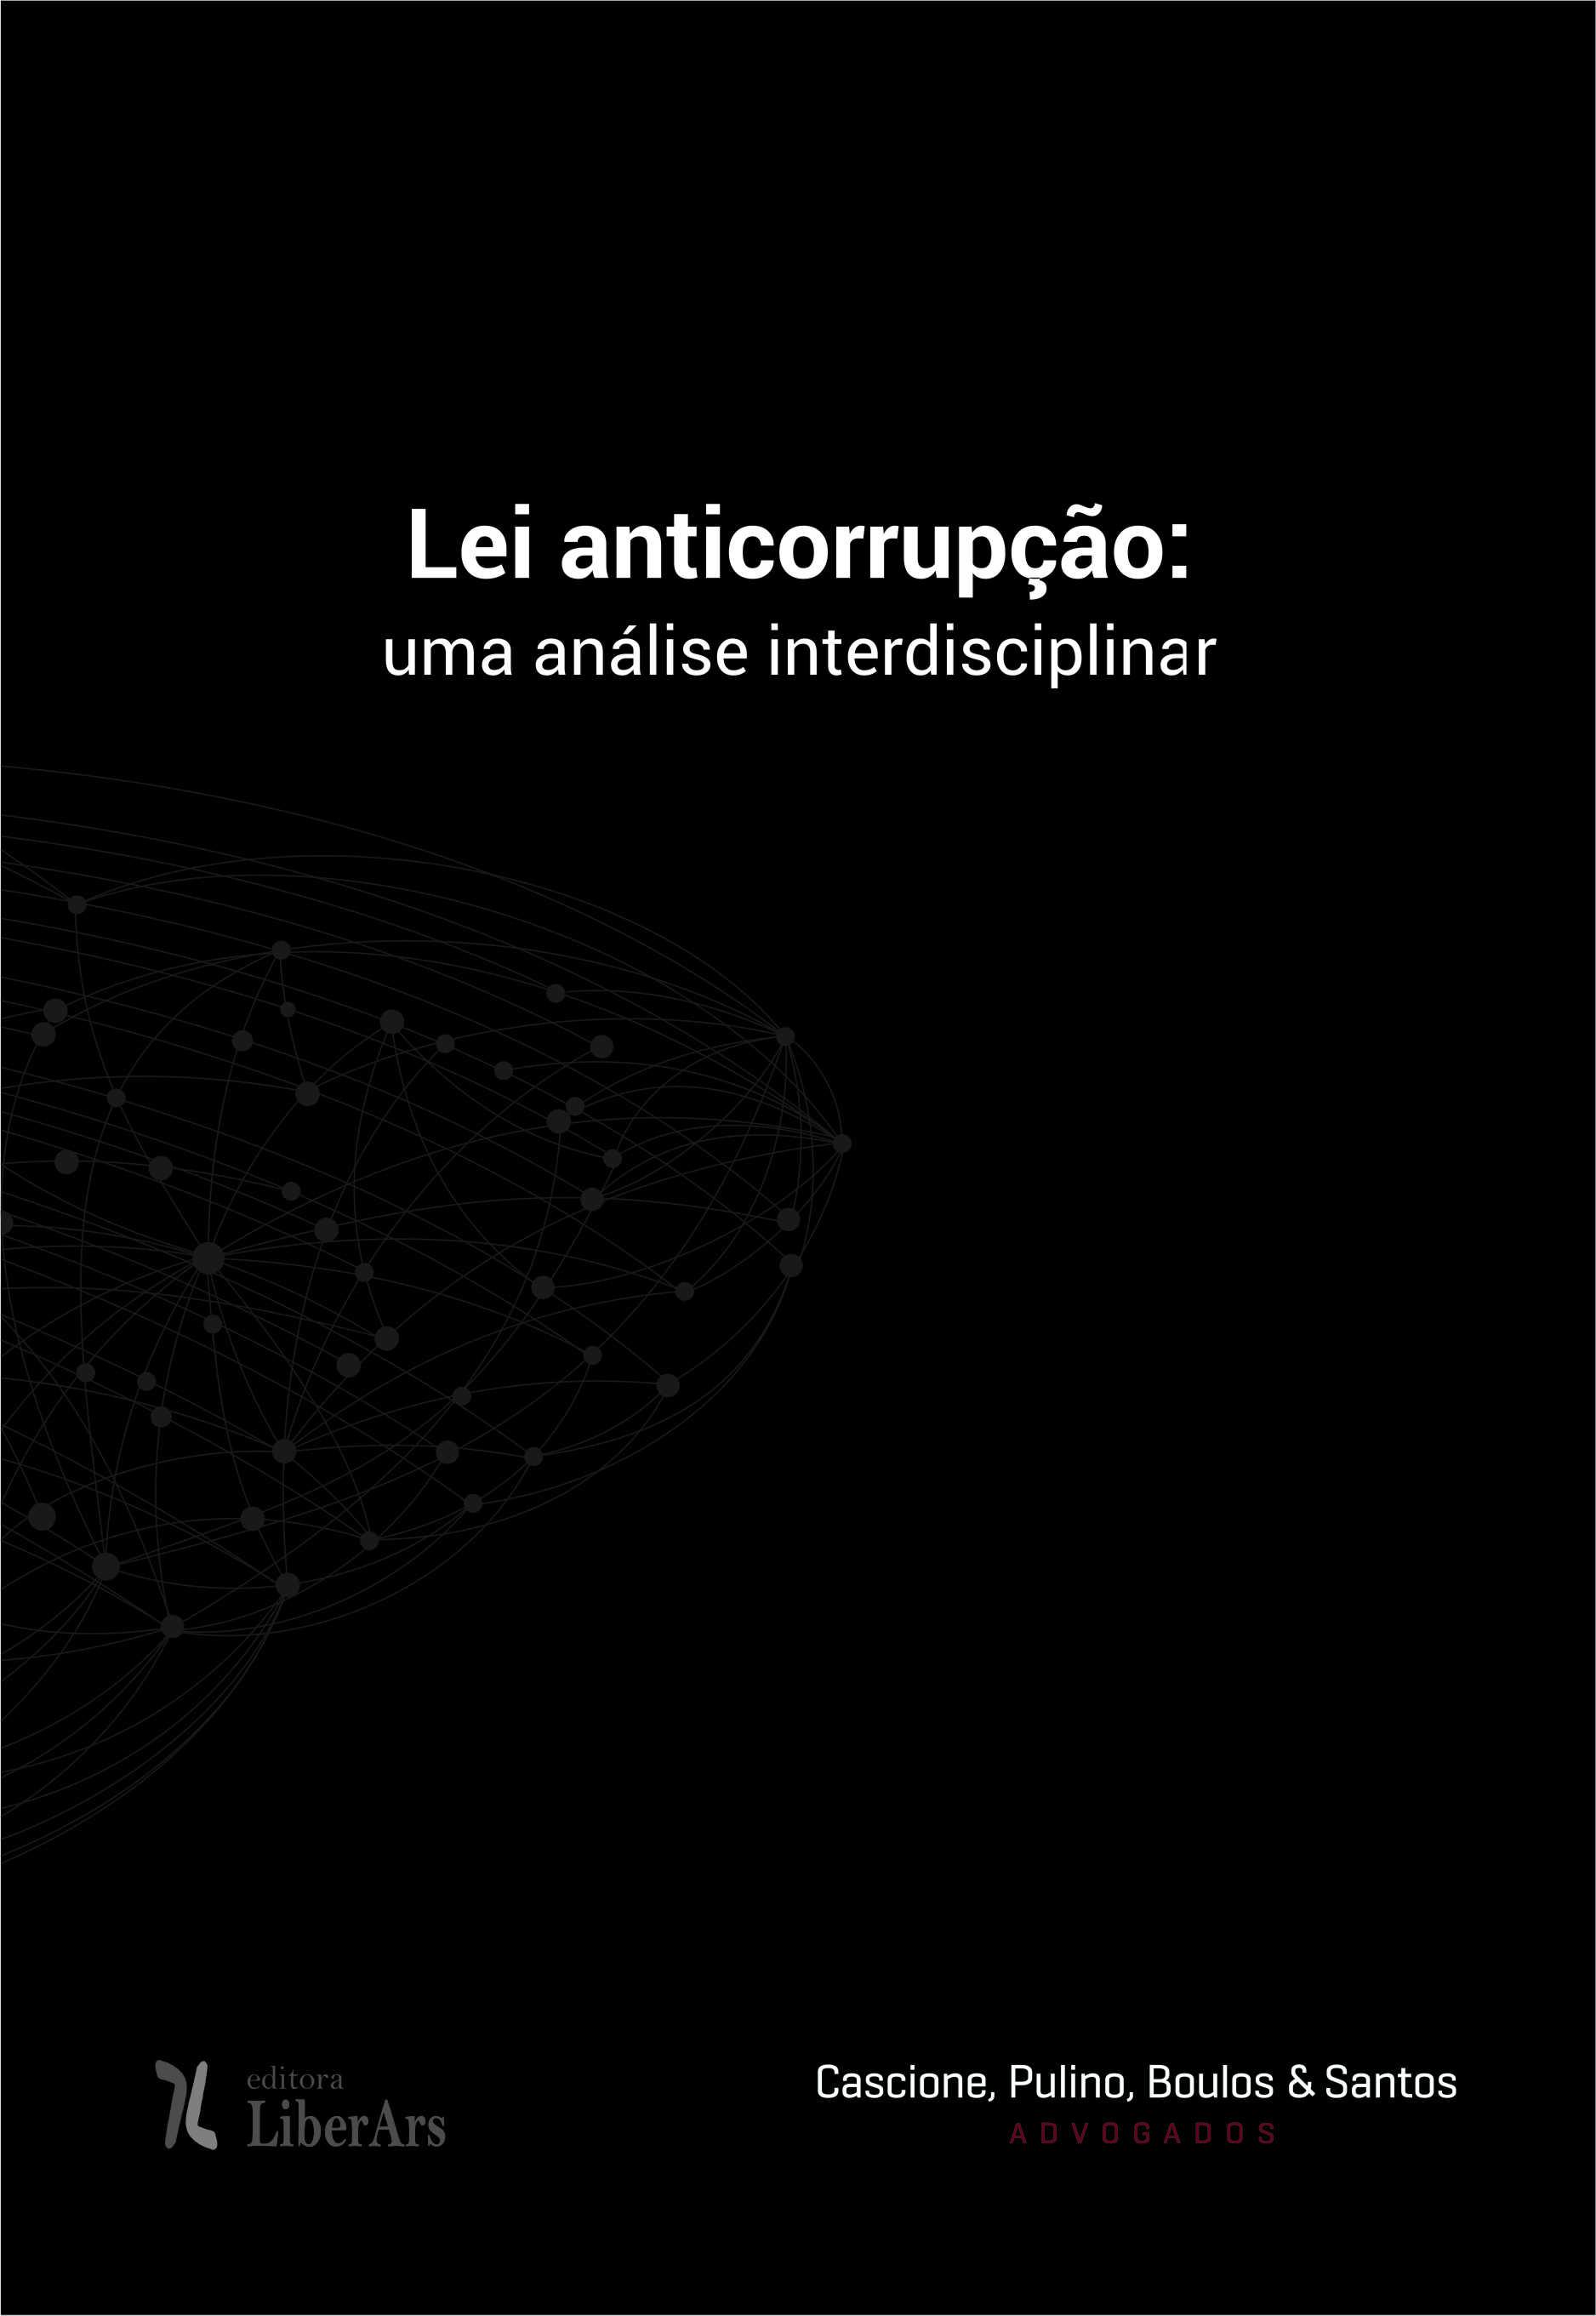 Lei anticorrupção: uma análise interdisciplinar, livro de Fábio de Souza Aranha Cascione, Bruno Salles Pereira Ribeiro (orgs.)